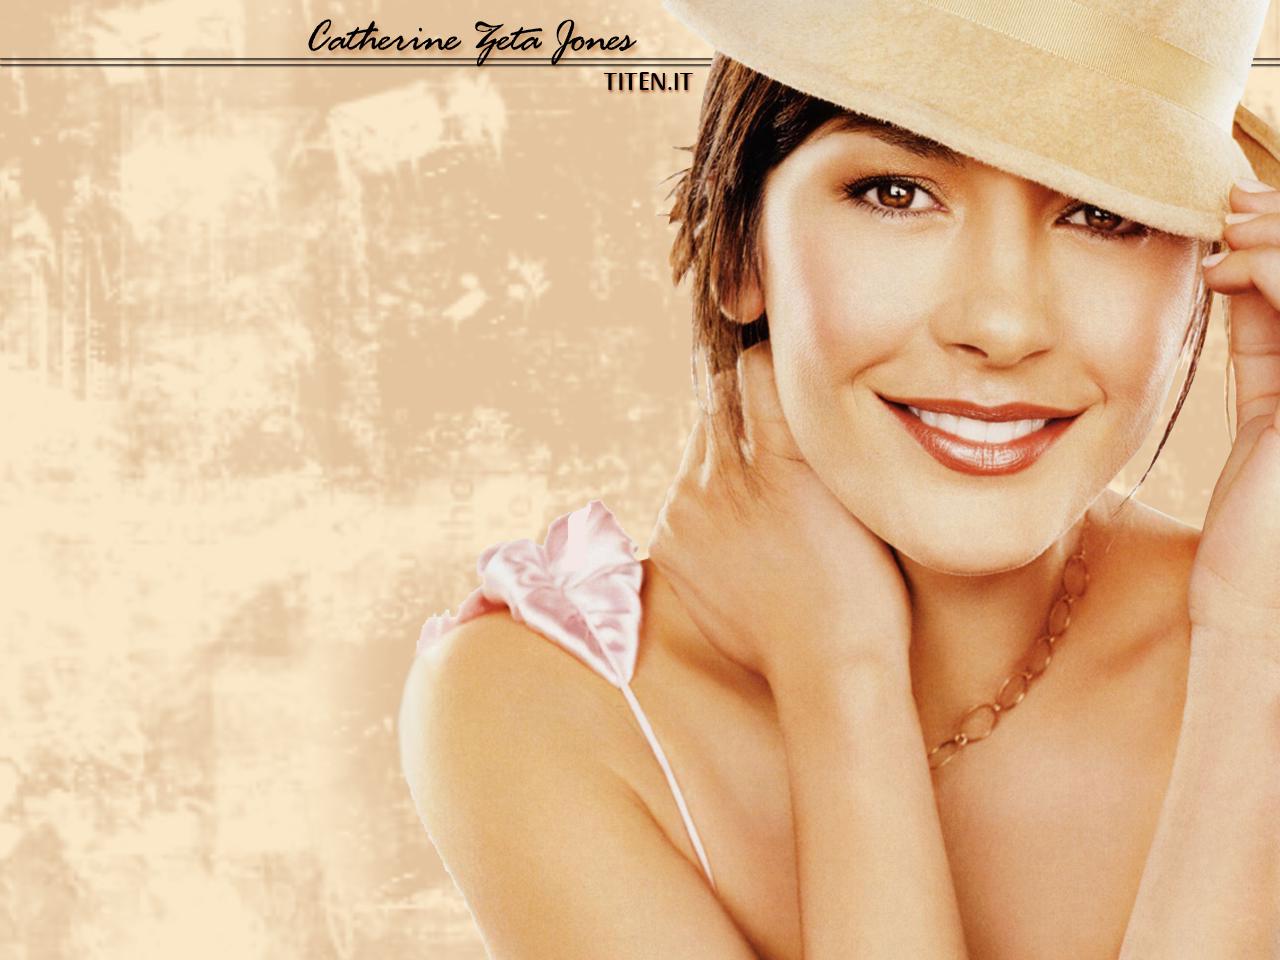 http://3.bp.blogspot.com/-oOsazAM3ZKY/Tfg7LkyqwfI/AAAAAAAAANg/UIInUYLNrSQ/s1600/catherine_zeta_jones_hat_1280.jpg